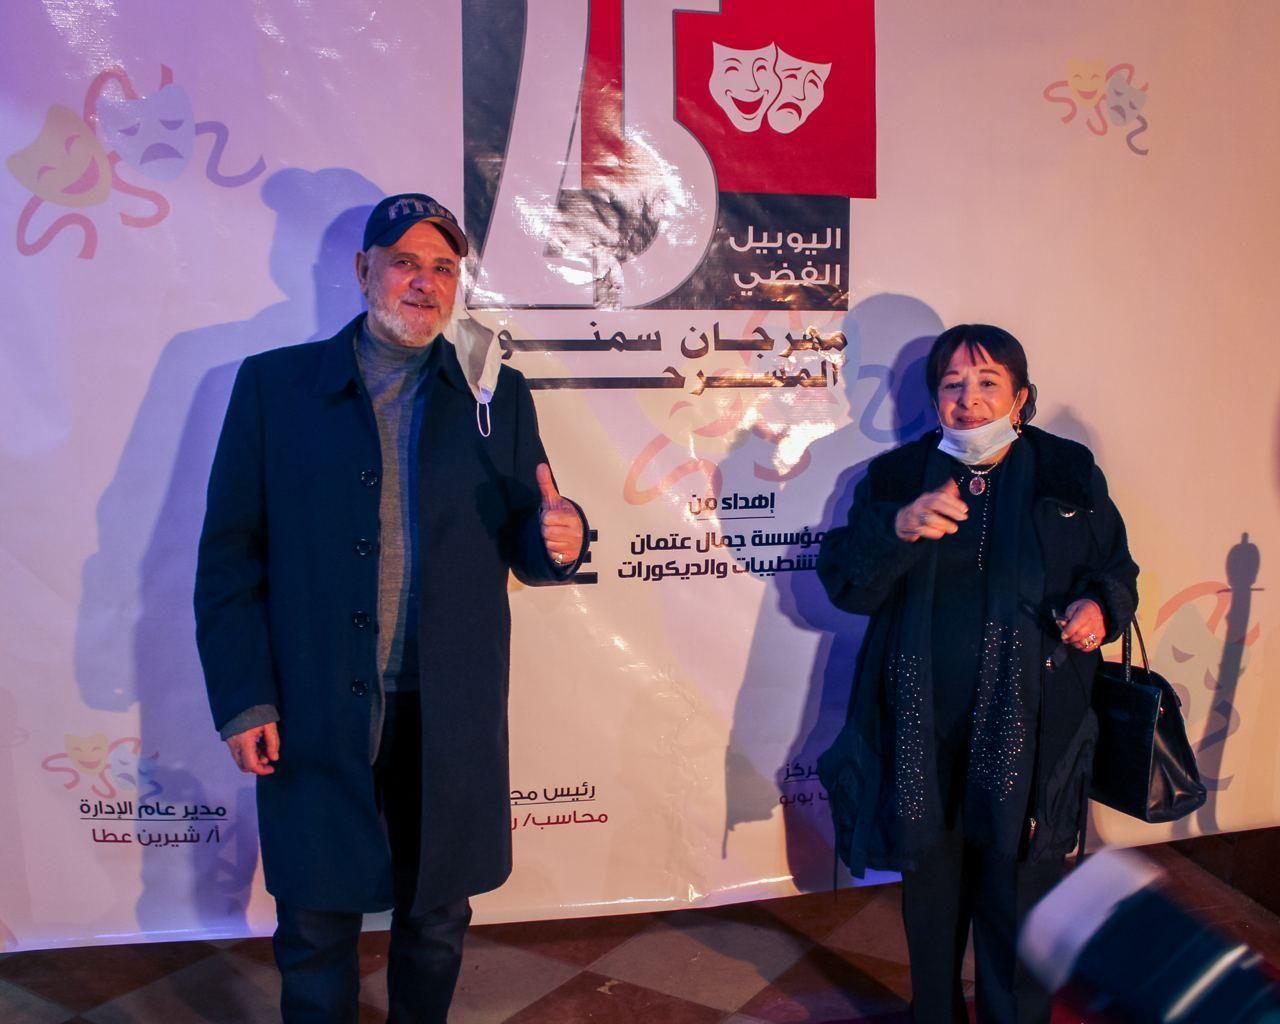 سميرة عبد العزيز ومحمد عبد الجواد